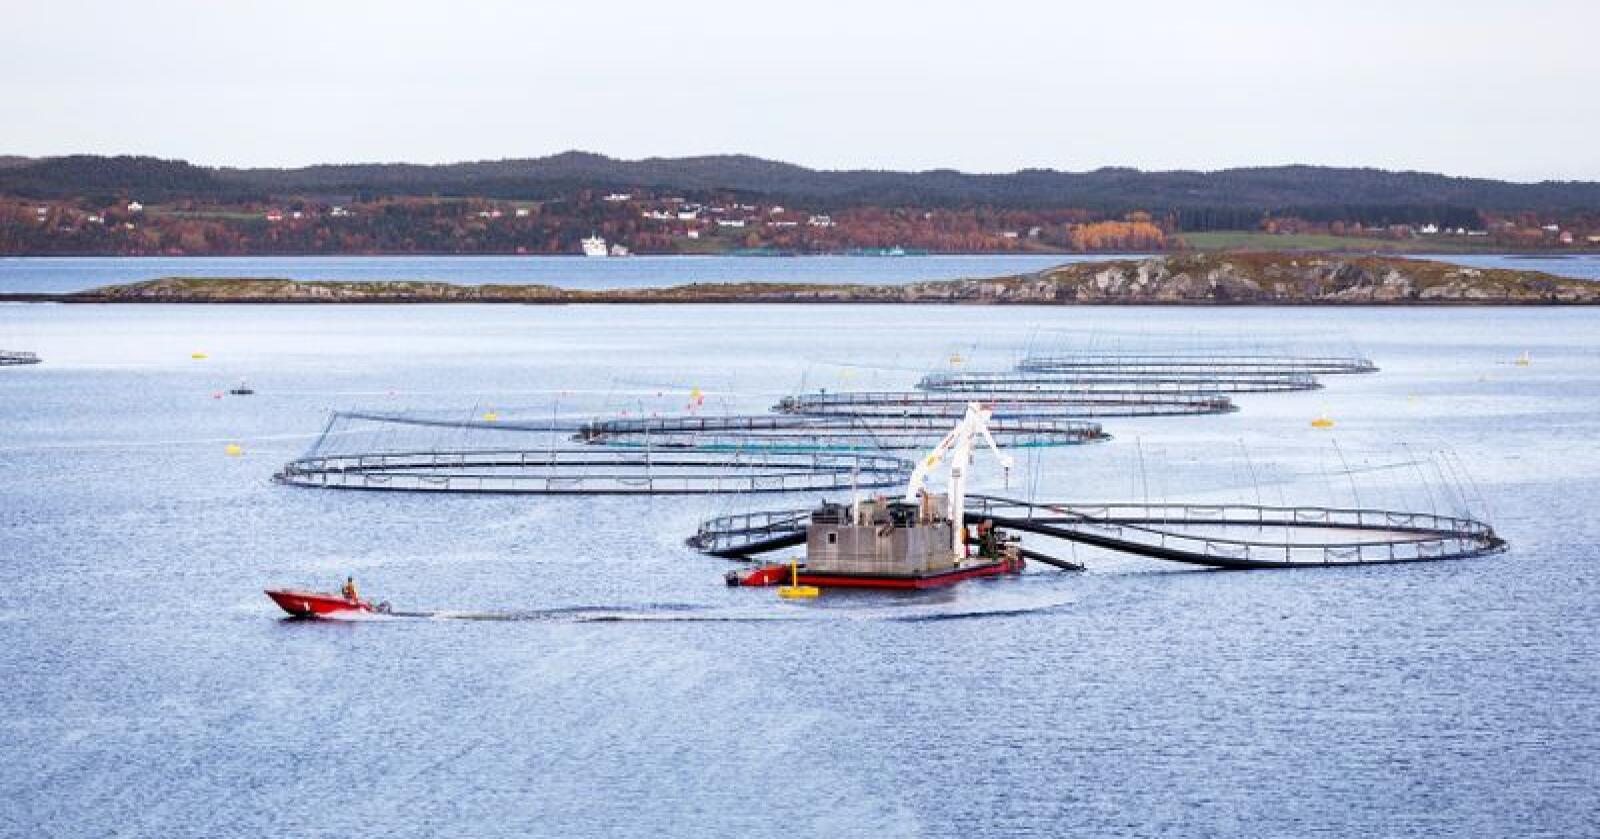 Tidligere denne uken la et utvalg fram sine anbefalinger om ekstraskatt for havbruksnæringen. Saken skal nå på høring, selv om tre av regjeringspartiene allerede har sagt nei.  Foto: Gorm Kallestad / NTB  scanpix